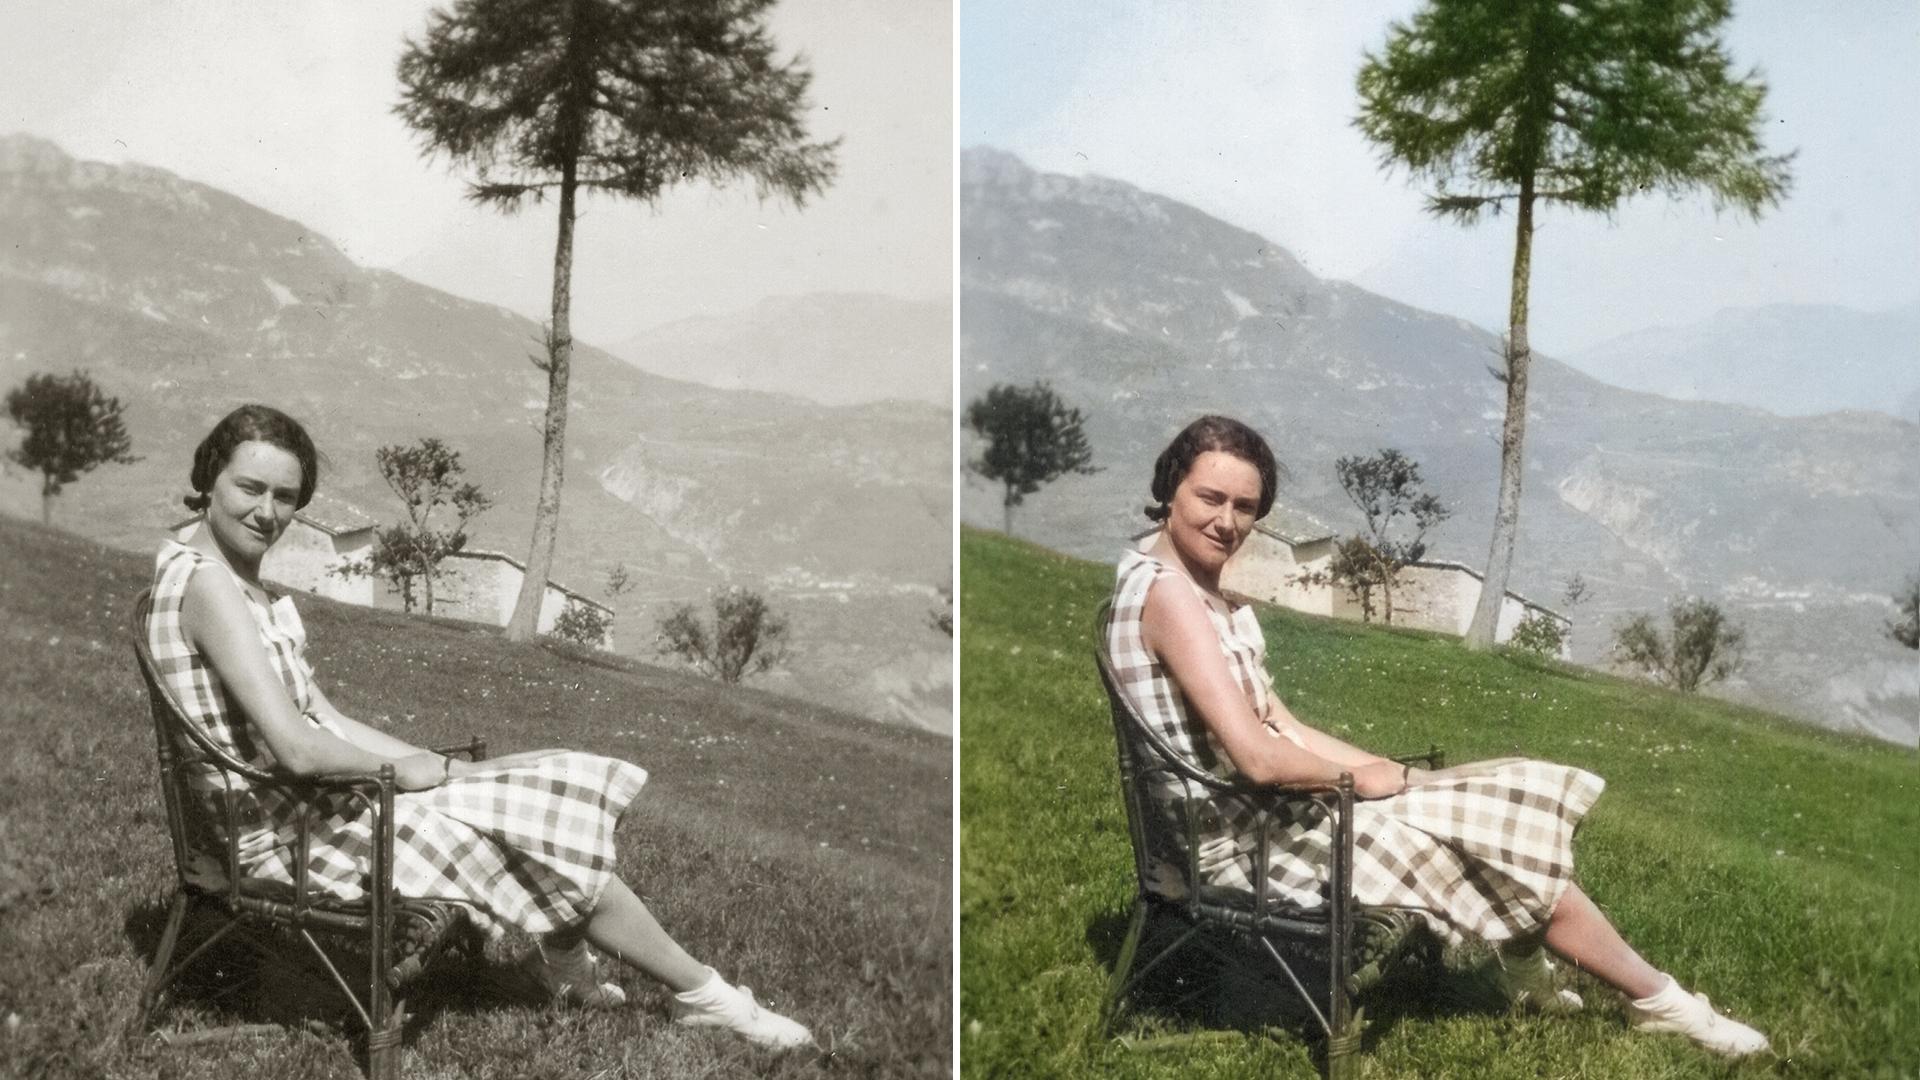 Раскрашивание фотографий в Photoshop Elements